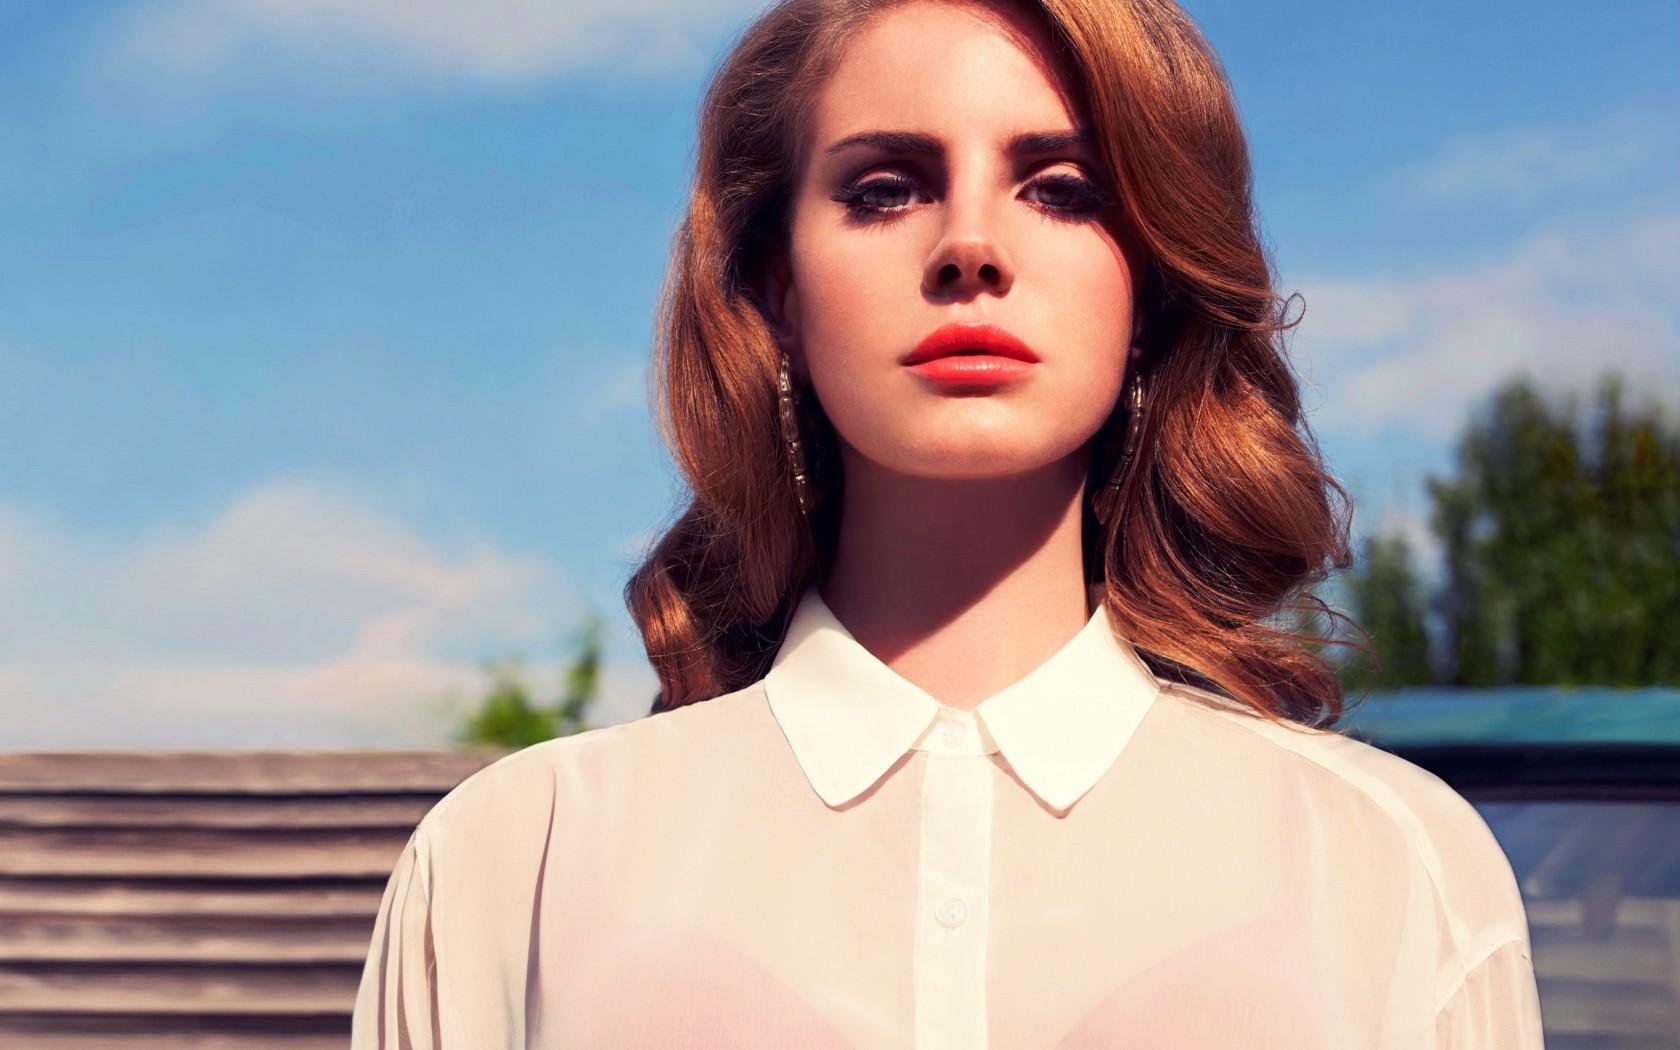 Resultado de imagen para Lana del Rey